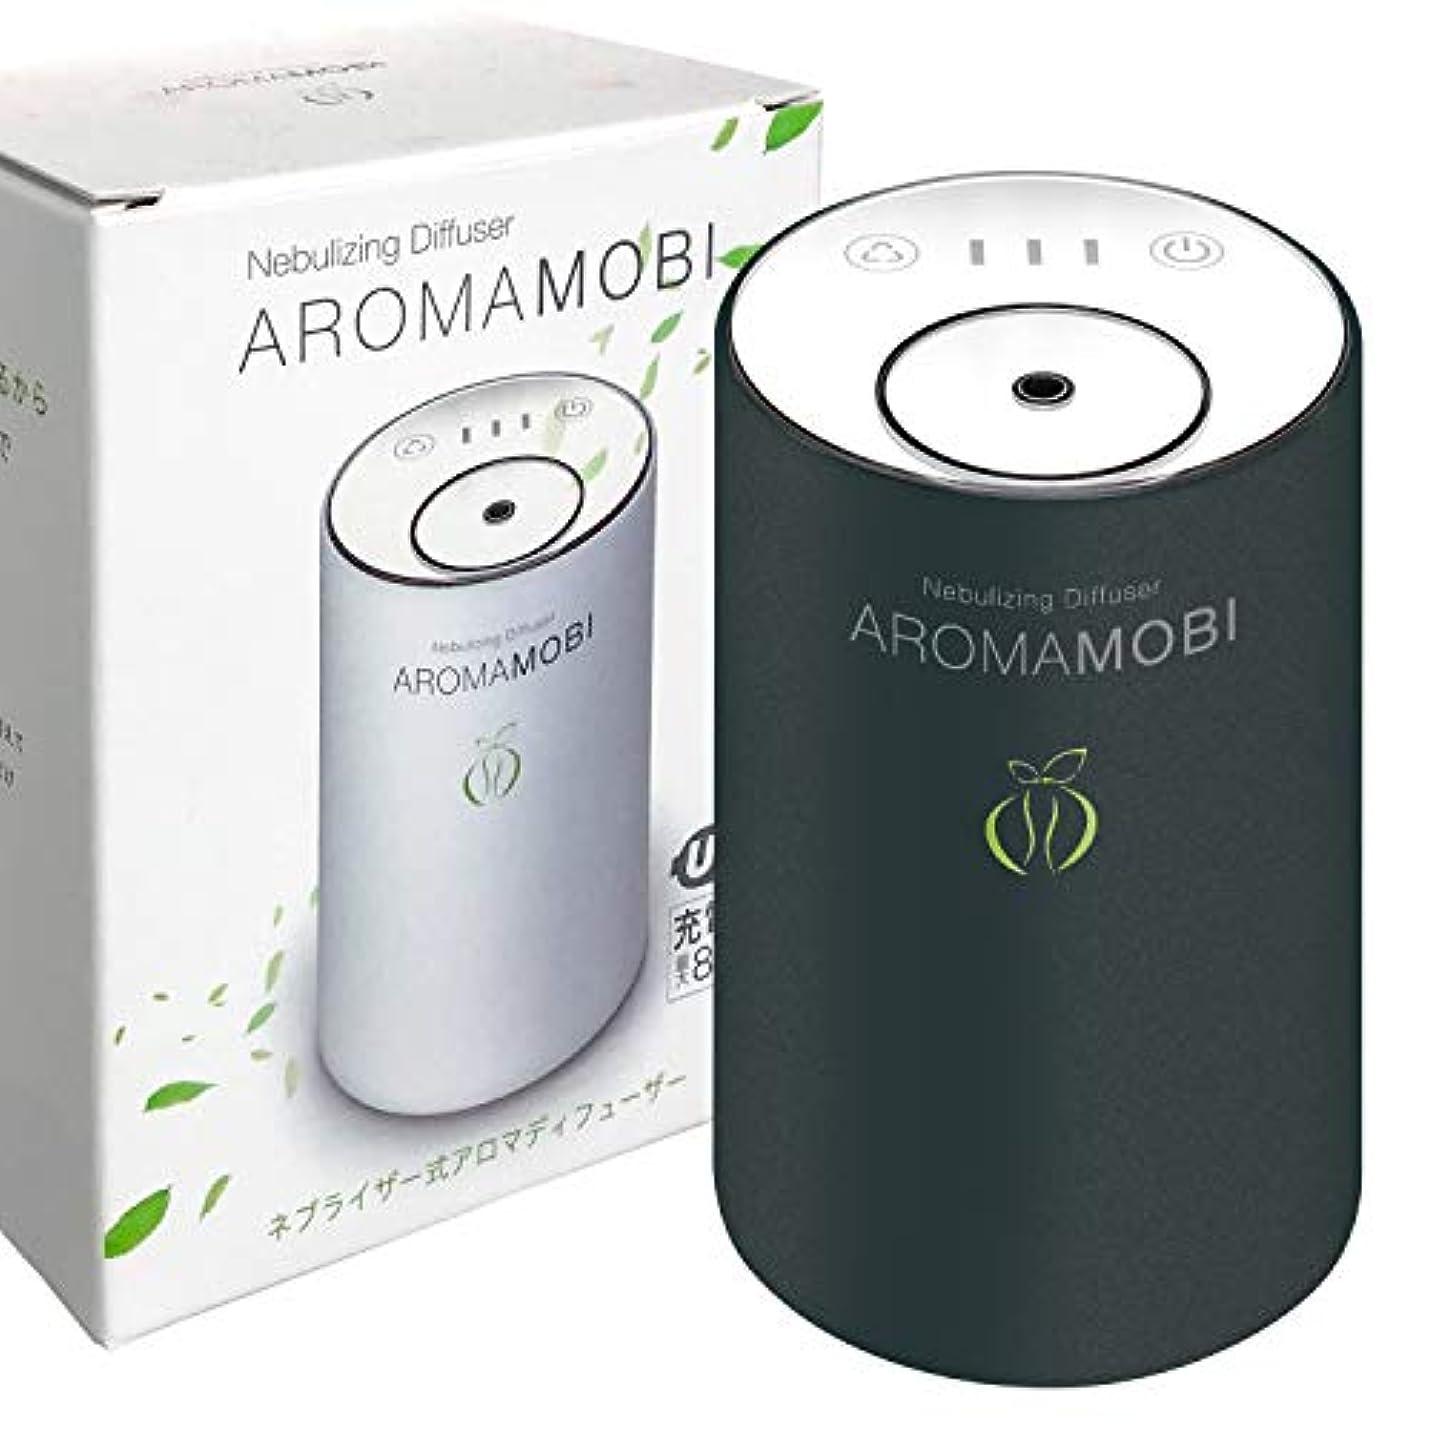 階抽出そうでなければfunks AROMA MOBI 充電式 アロマディフューザー ネブライザー式 ブラック